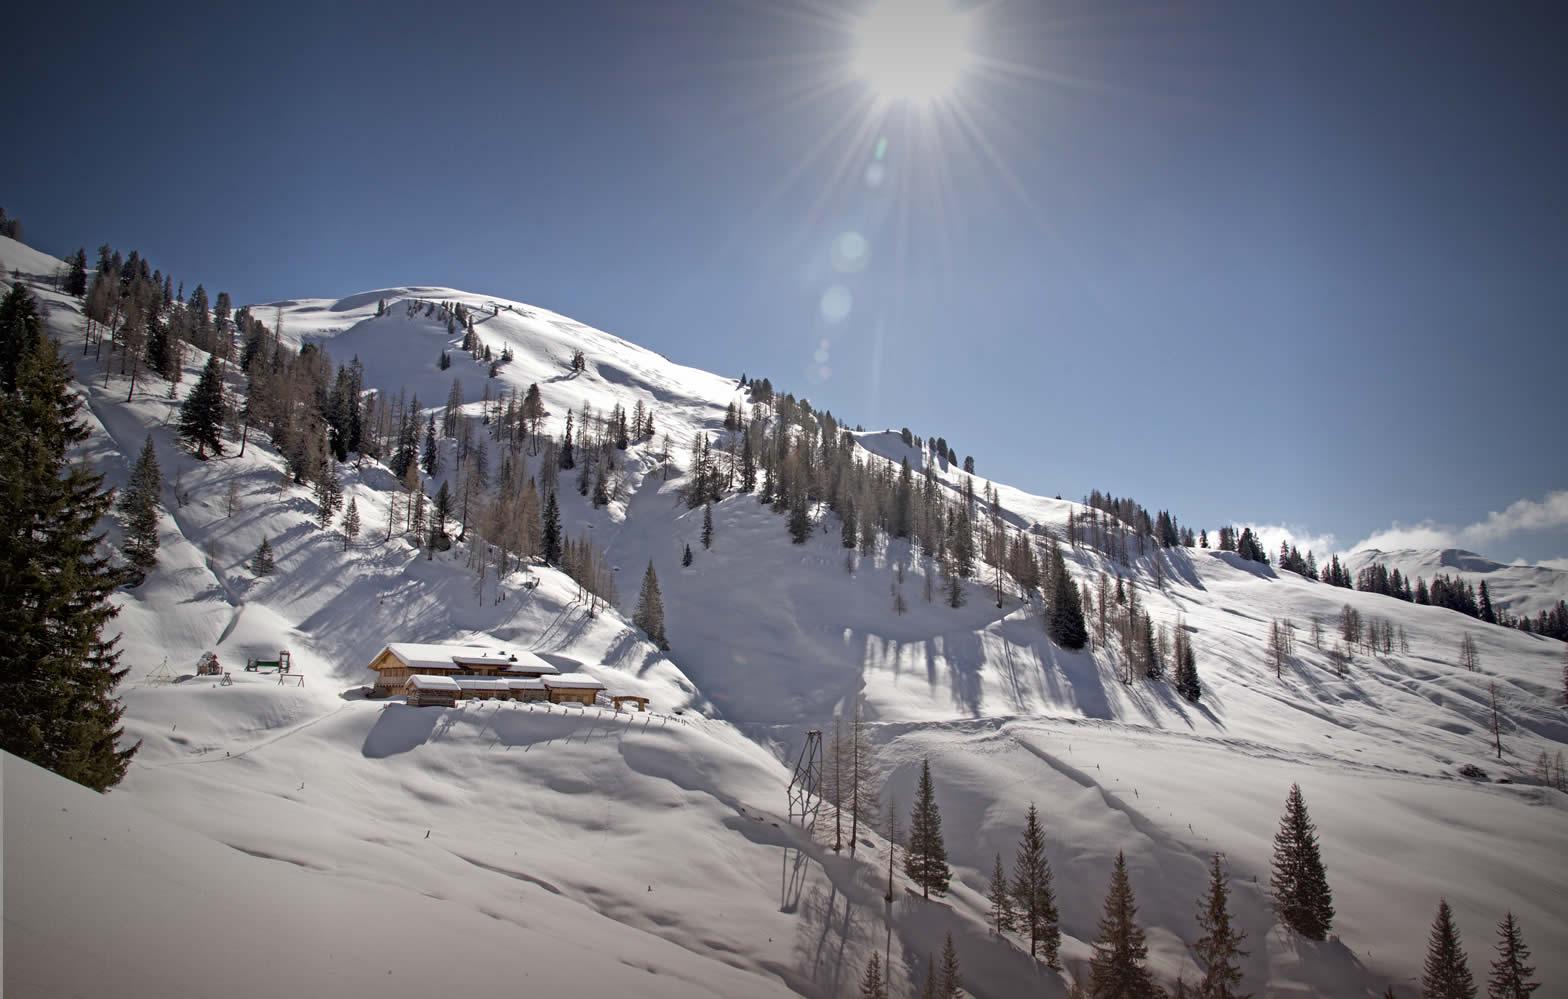 Schneeschuhwandern & Tourengehen im Winter - Loosbühelalm in Großarl